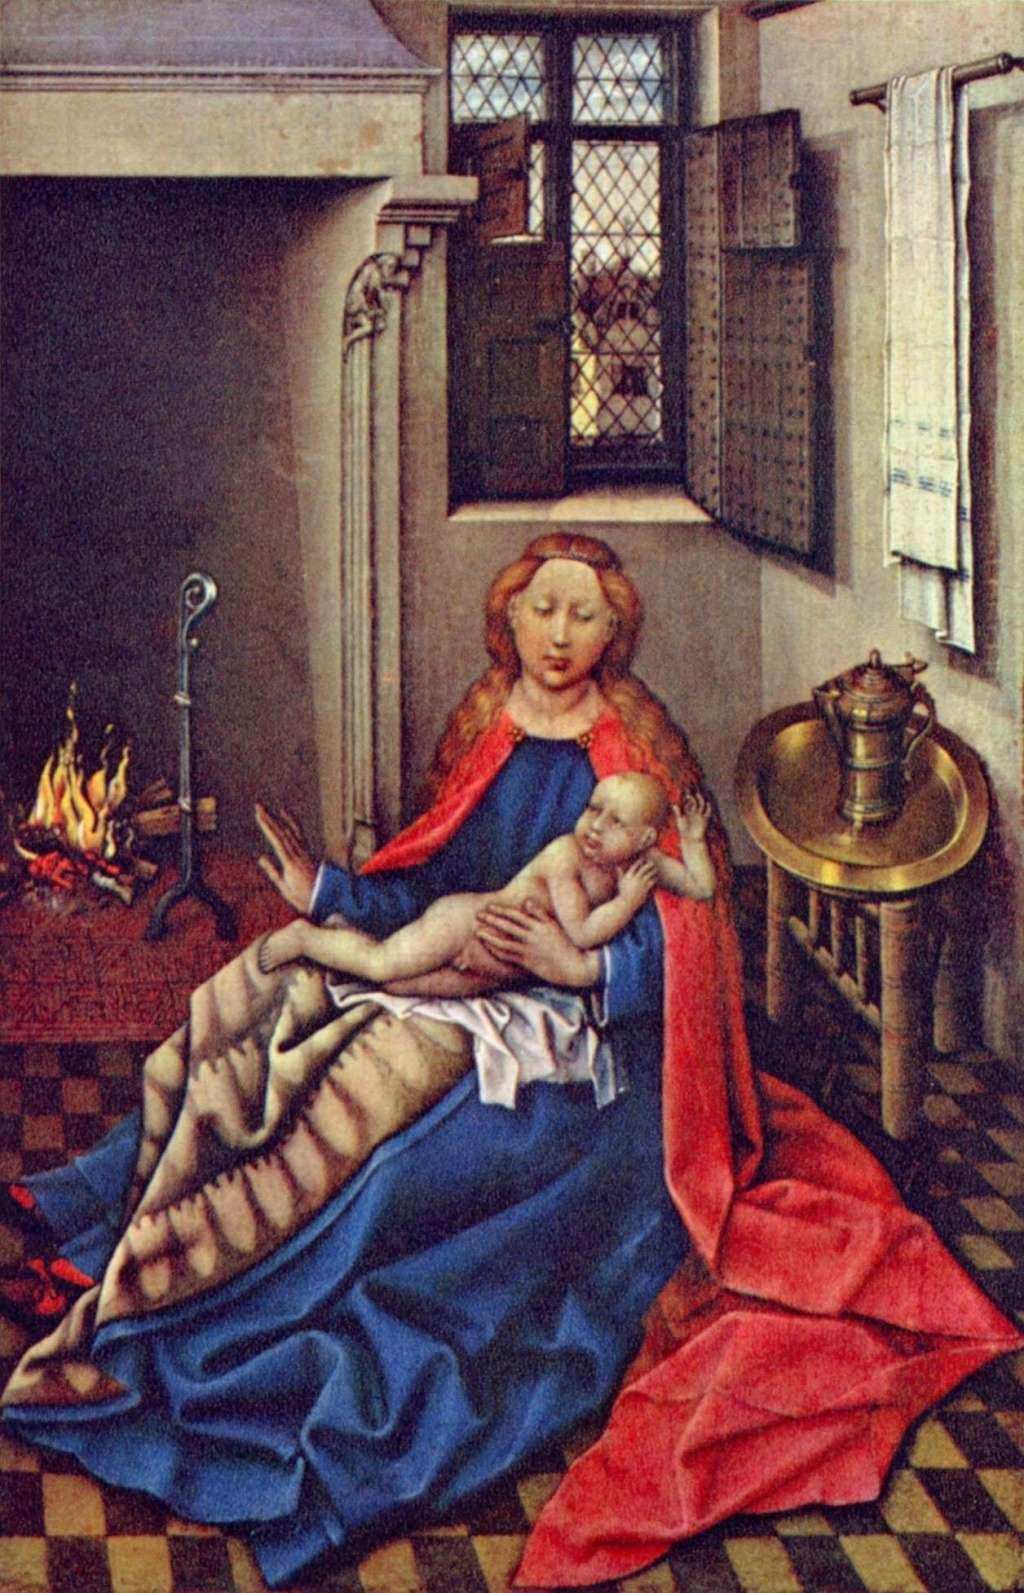 Les peintures religieuses de Robert Campin - Page 2 Vierge12